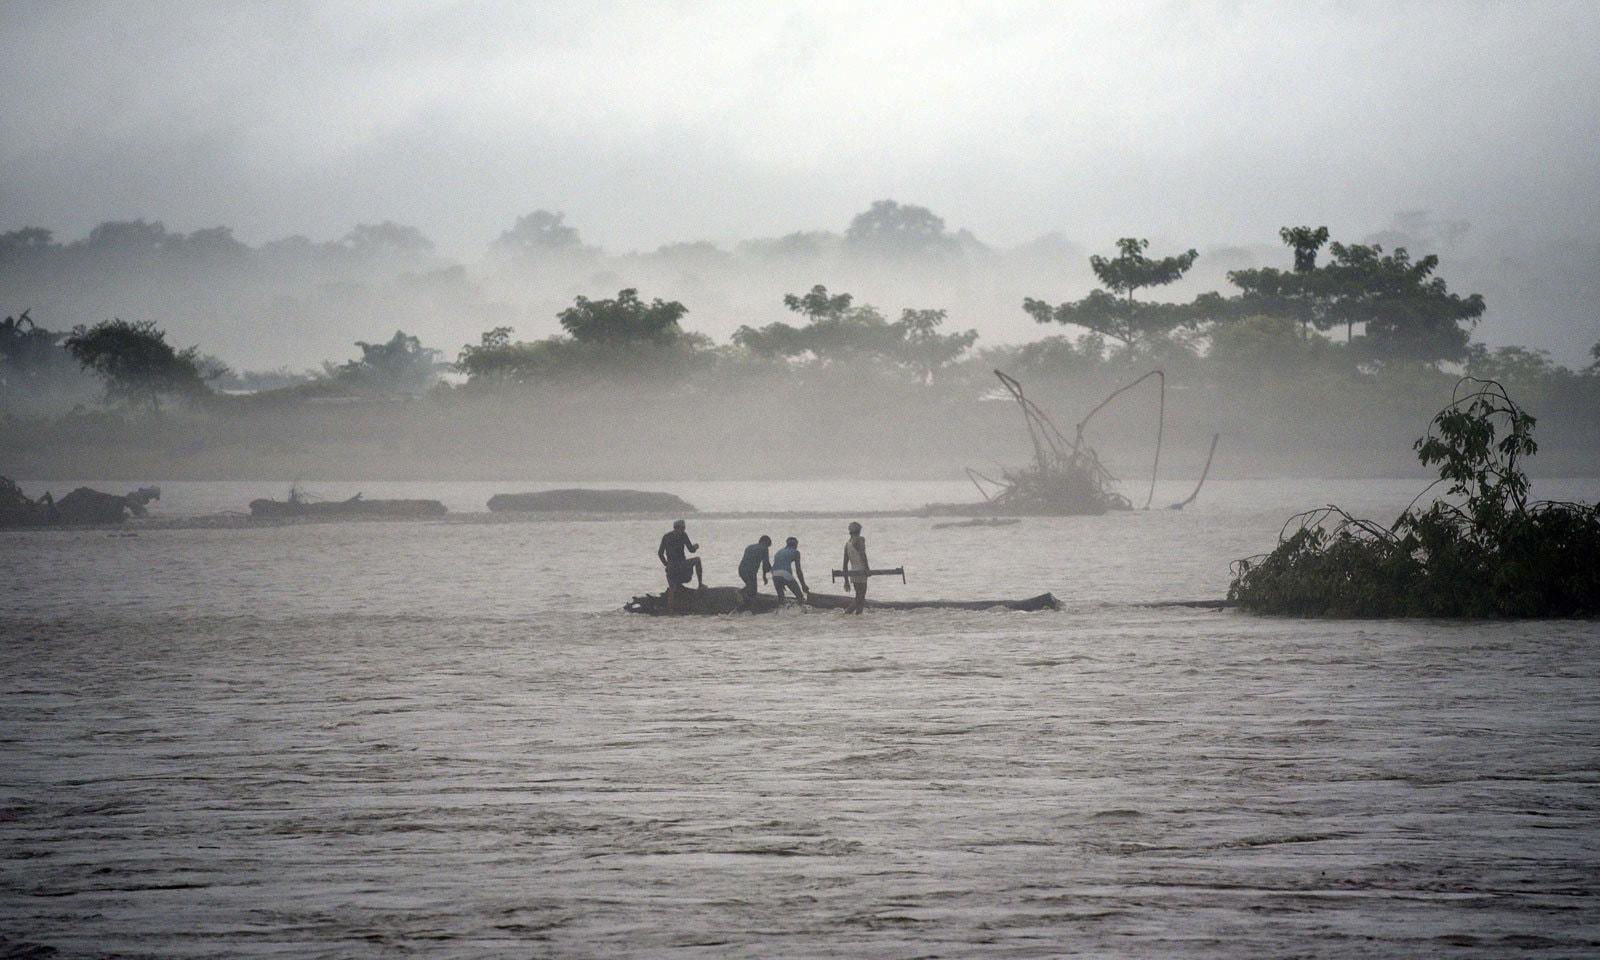 بھارتی ریاست آسام کے ضلع بکسہ میں بارش کے بعد آنے والے سیلاب کا ایک منظر— فوٹو: اے ایف پی